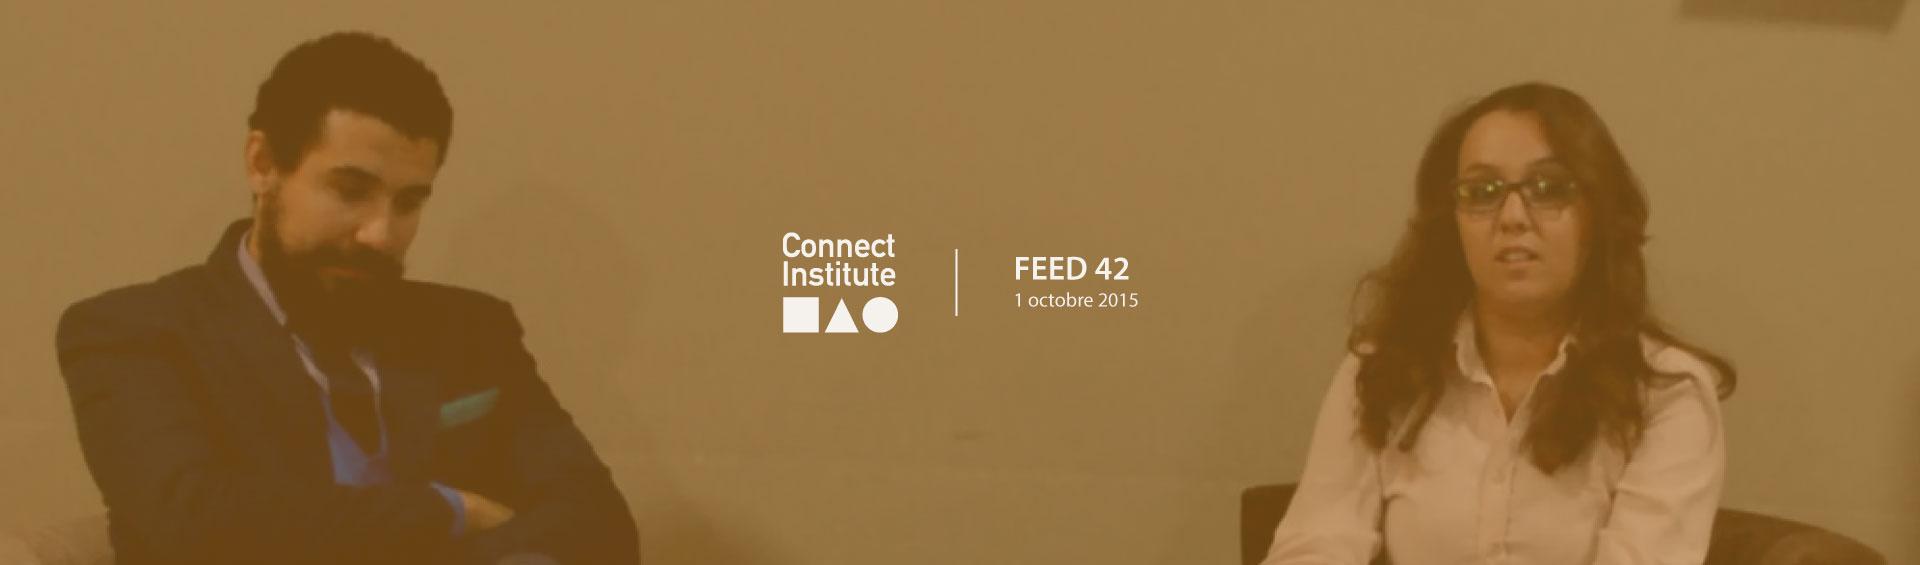 FEED 42